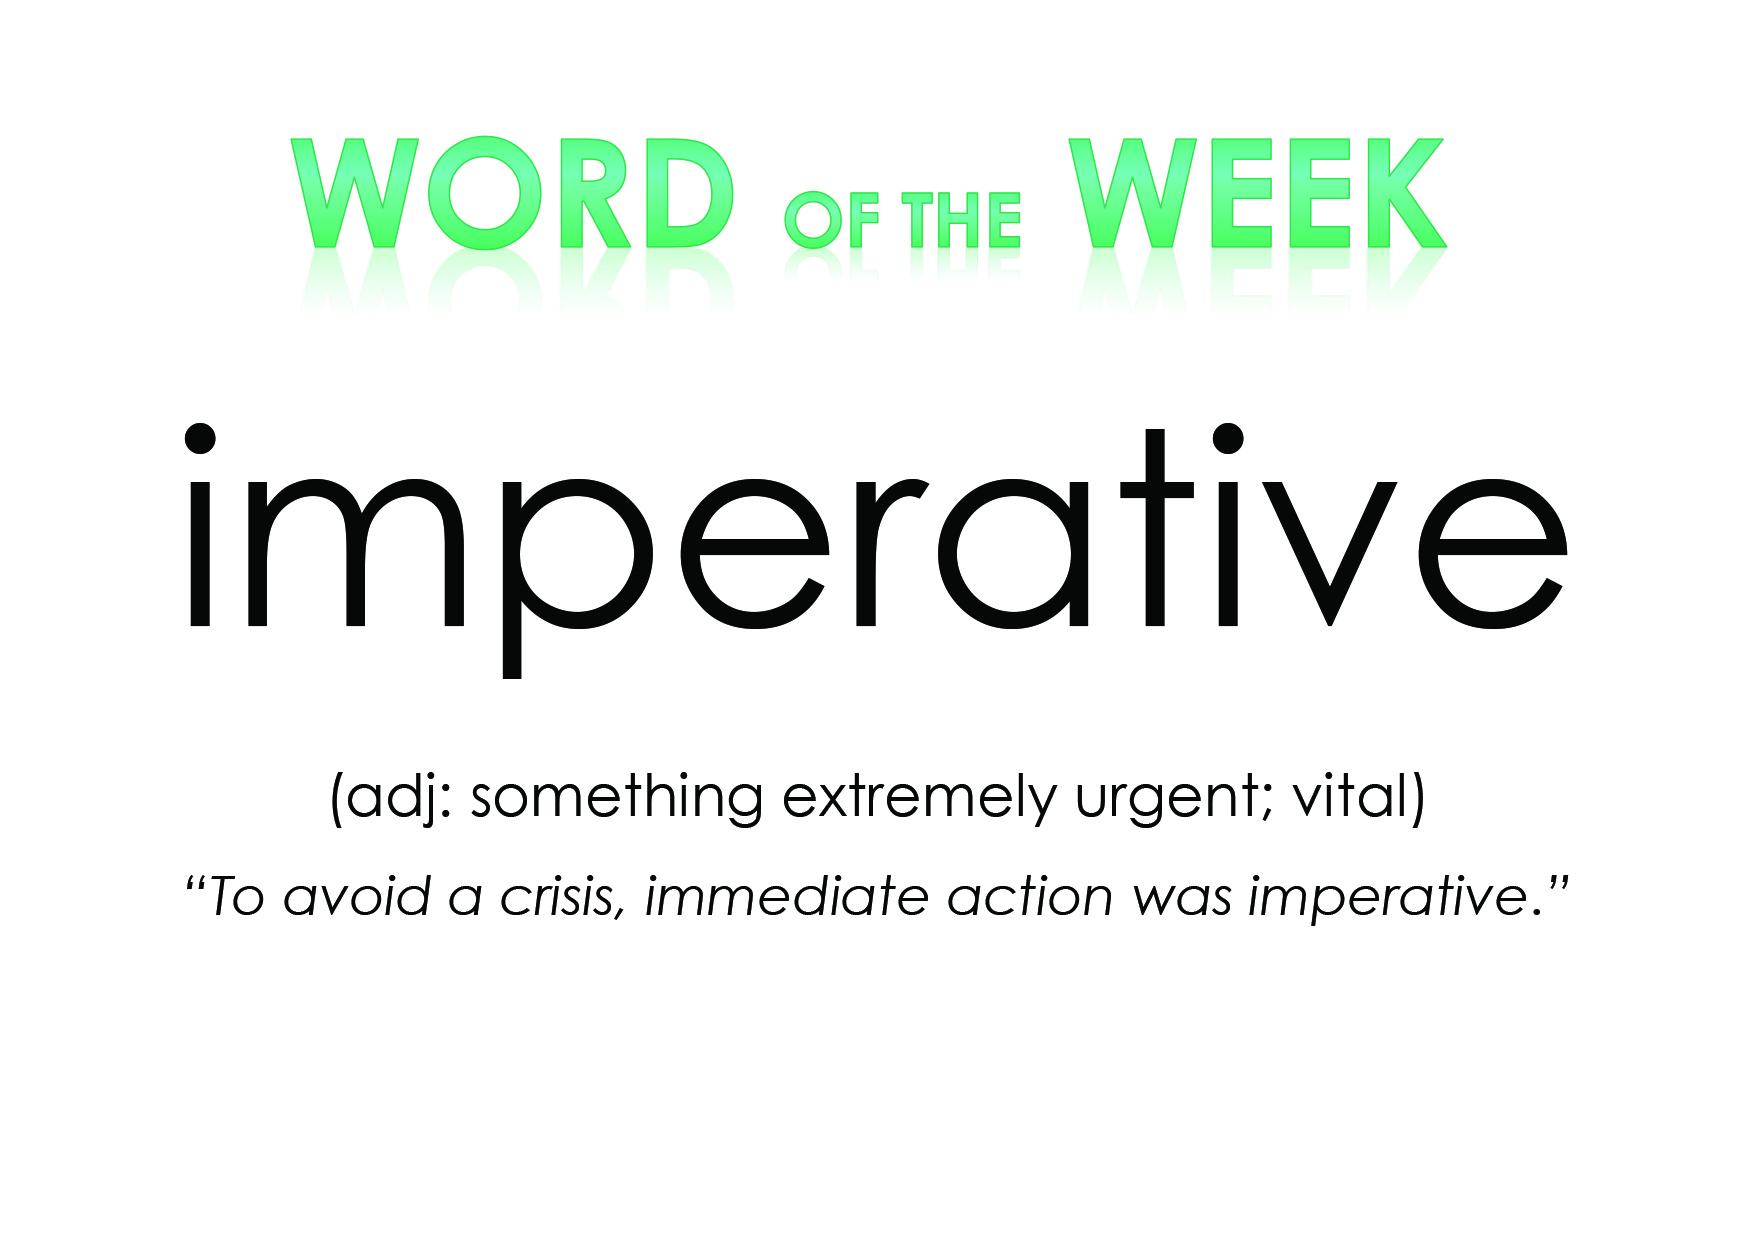 imperative-1